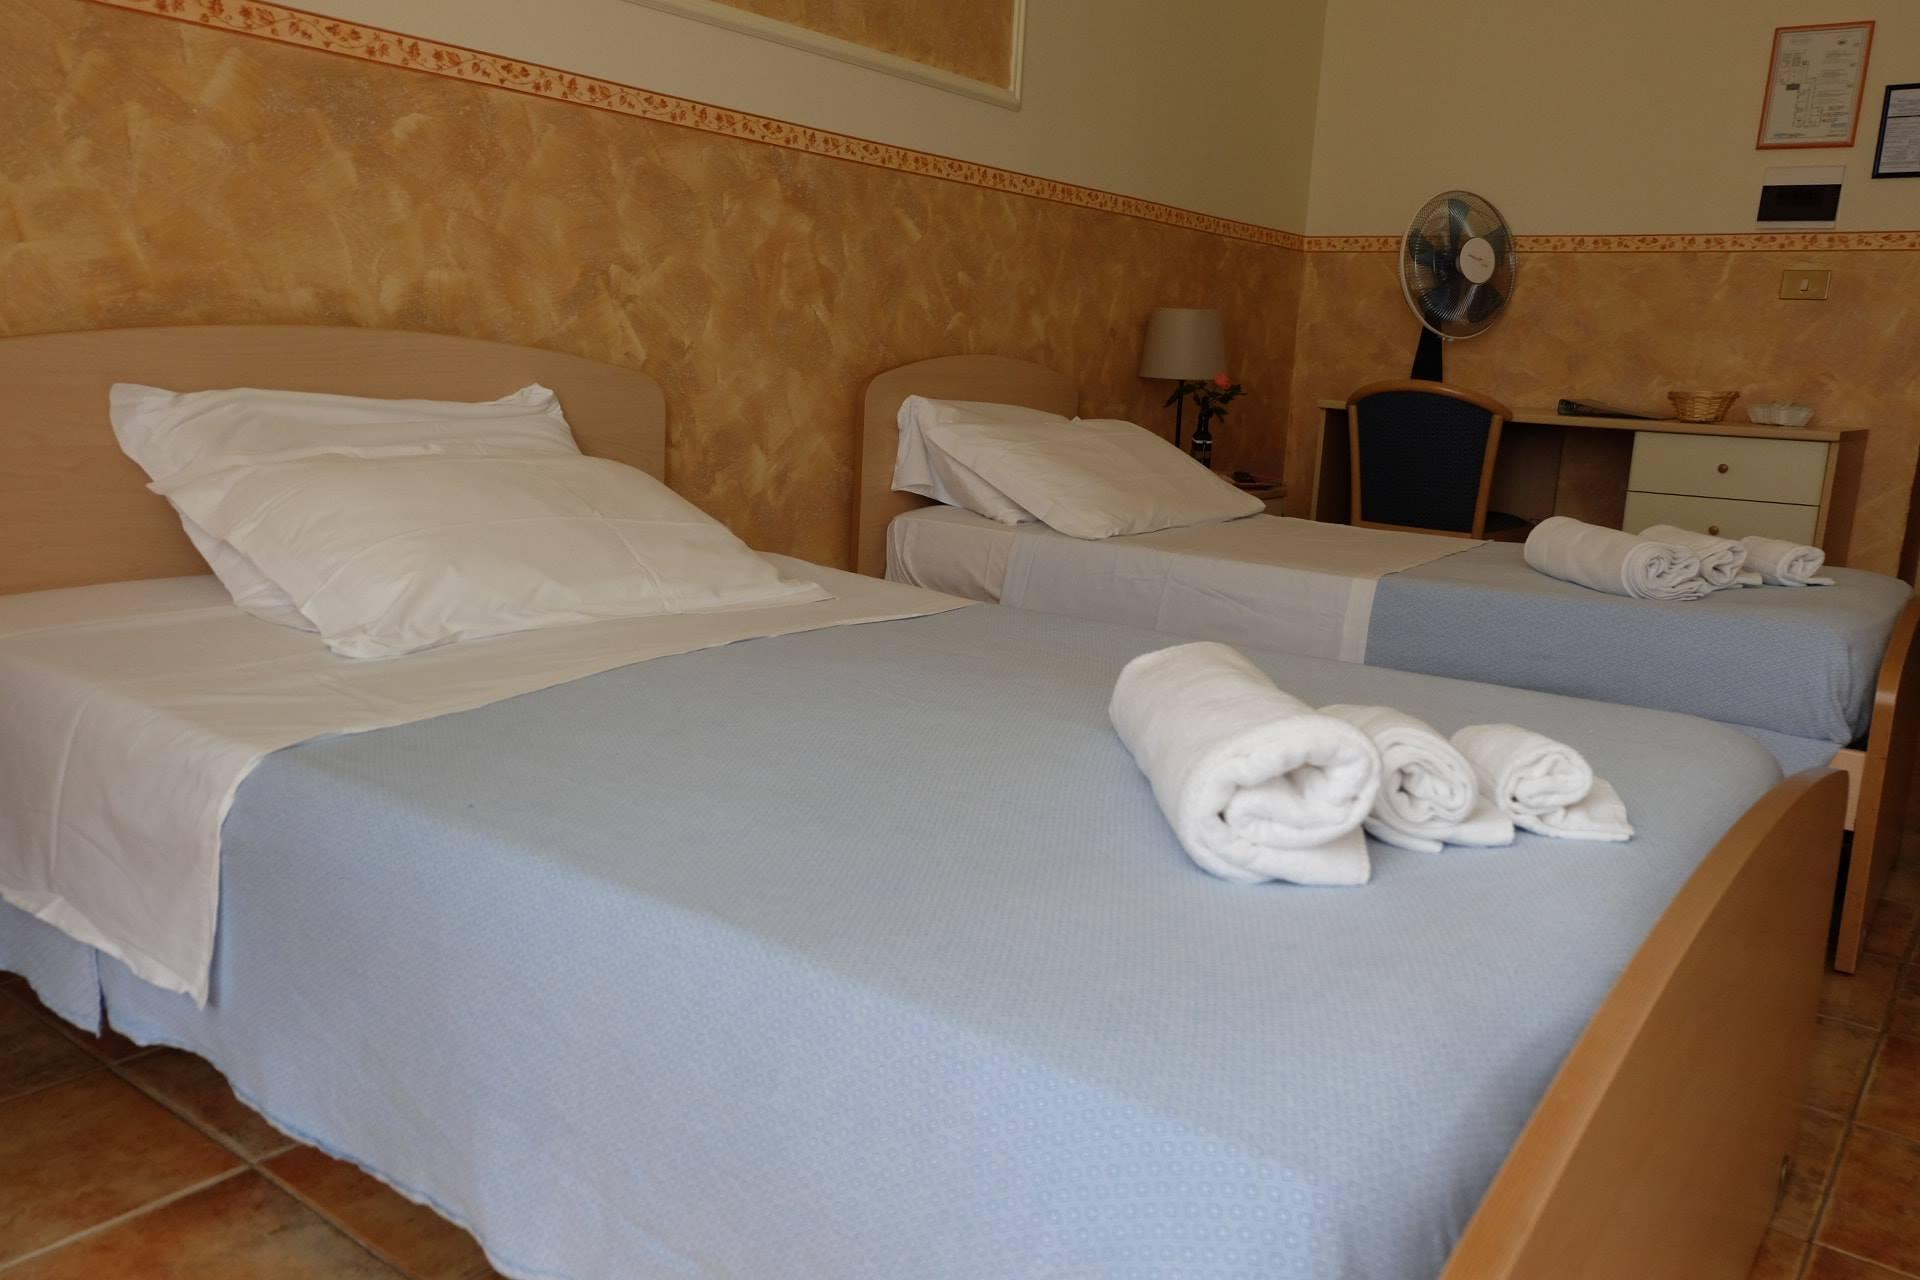 galleria foto camere hostel il tetto melfi ostello dormire soggiorno vacanze basilicata13